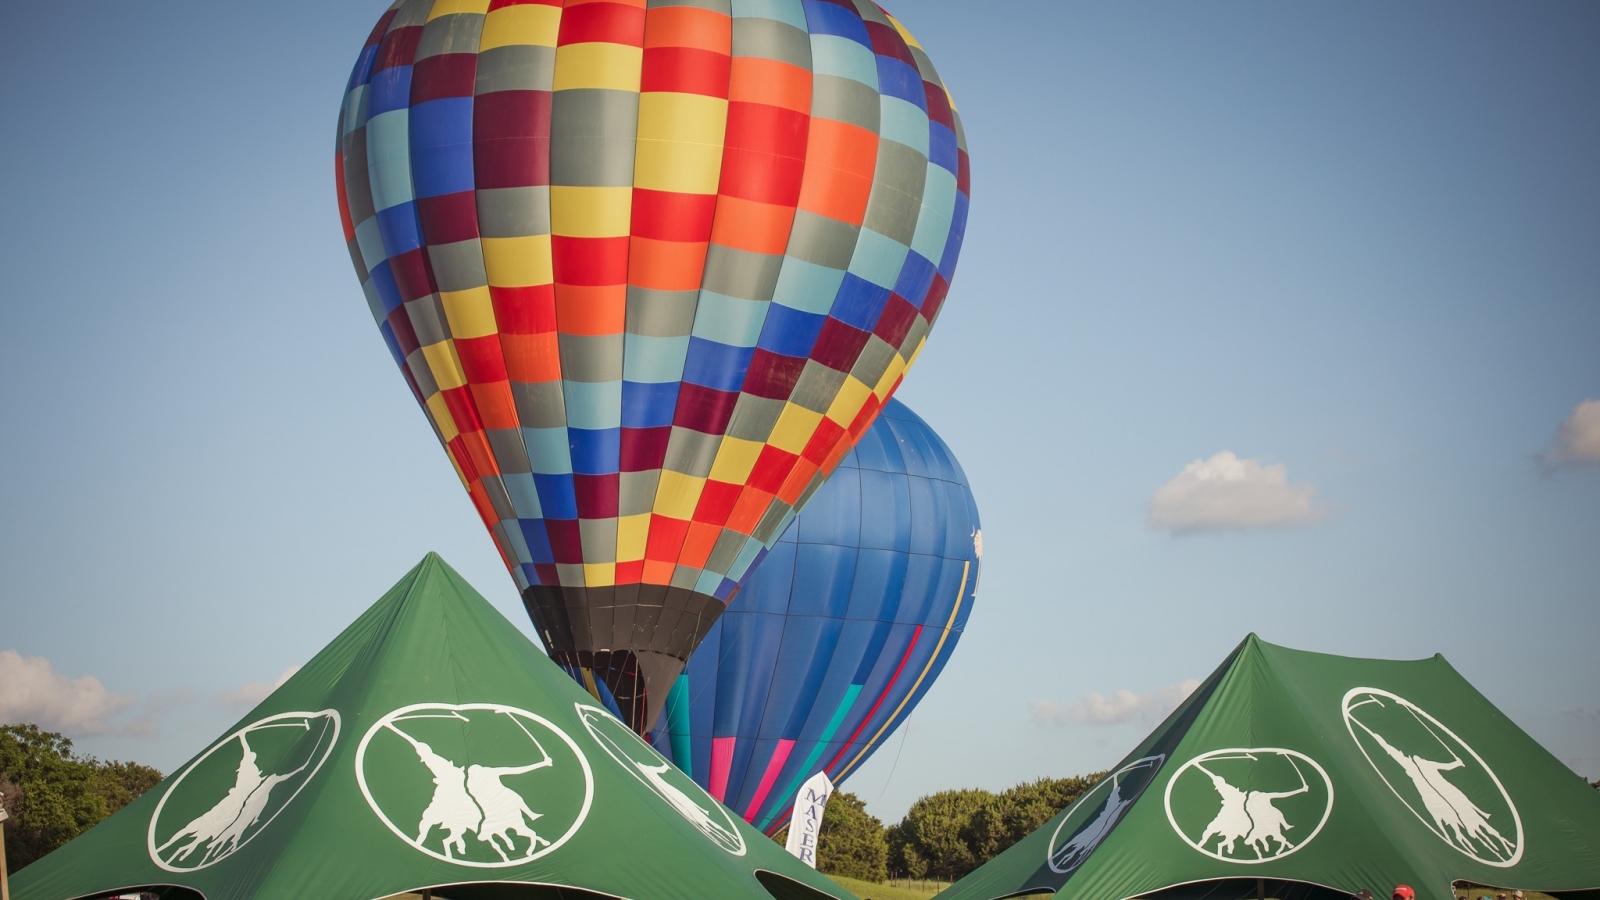 Hot air Balloon at Victory Cup